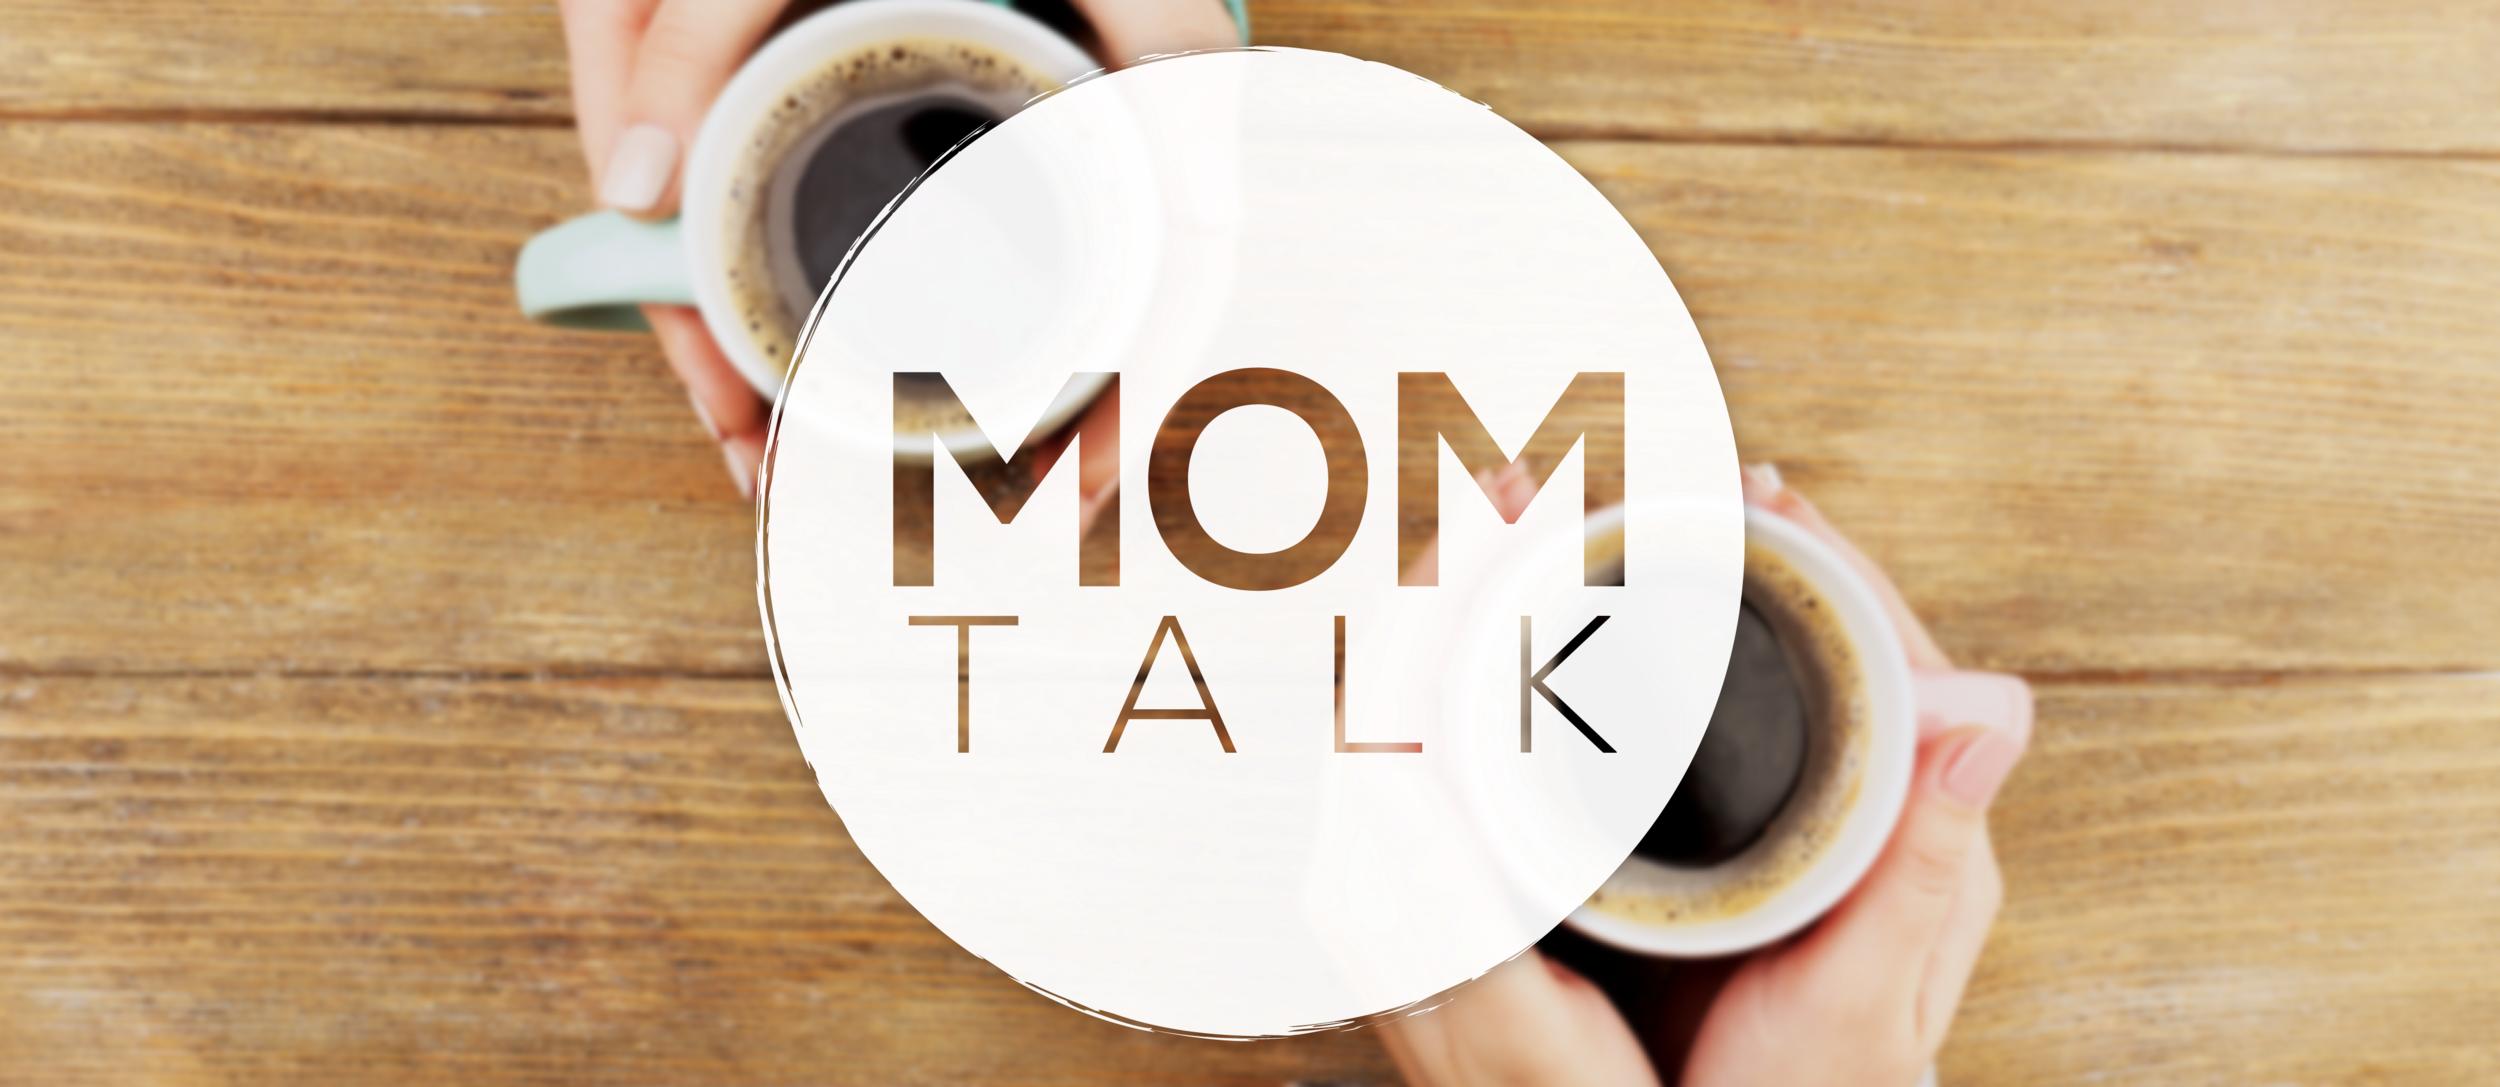 Mom Talk Web-01.png